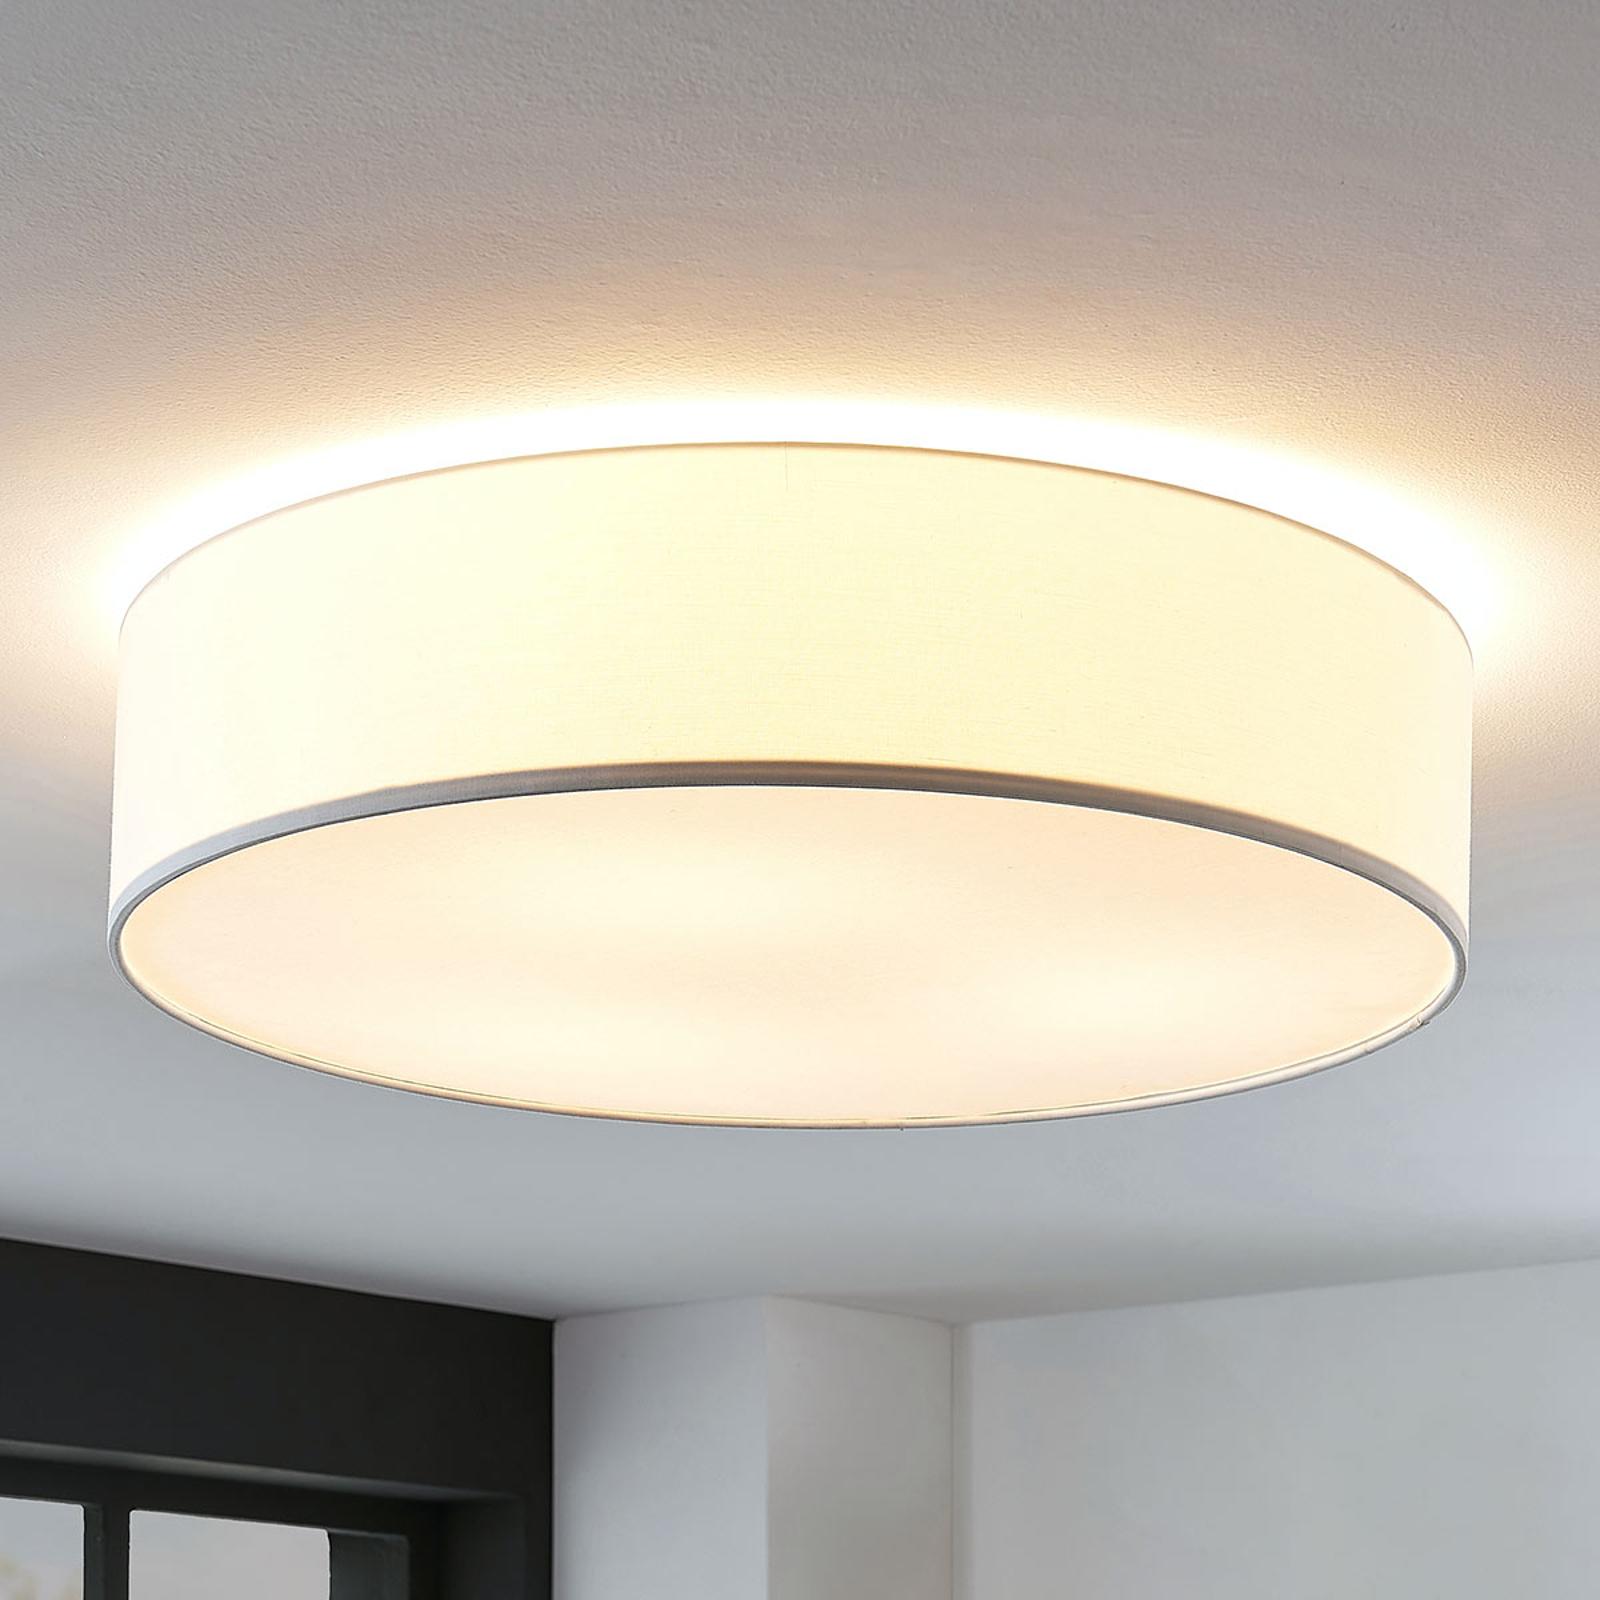 Stoff-Deckenlampe Gordana in Weiß, 57 cm